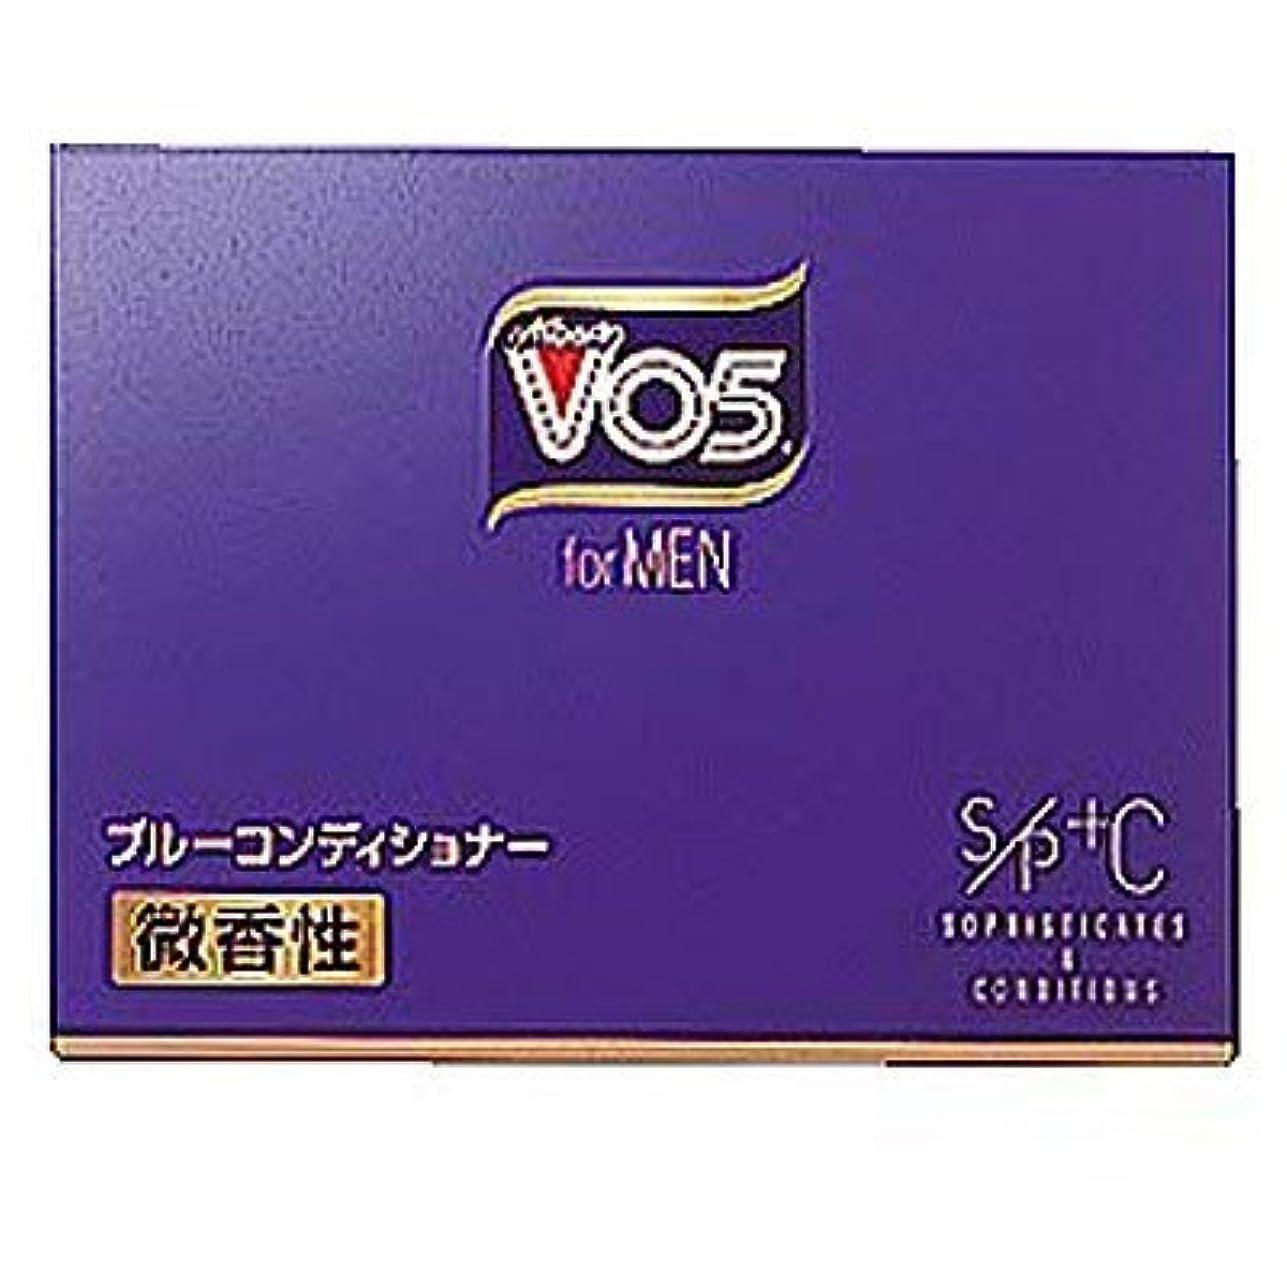 ハシー雄大な怖いVO5 forMEN ブルーコンディショナー 微香性 85g